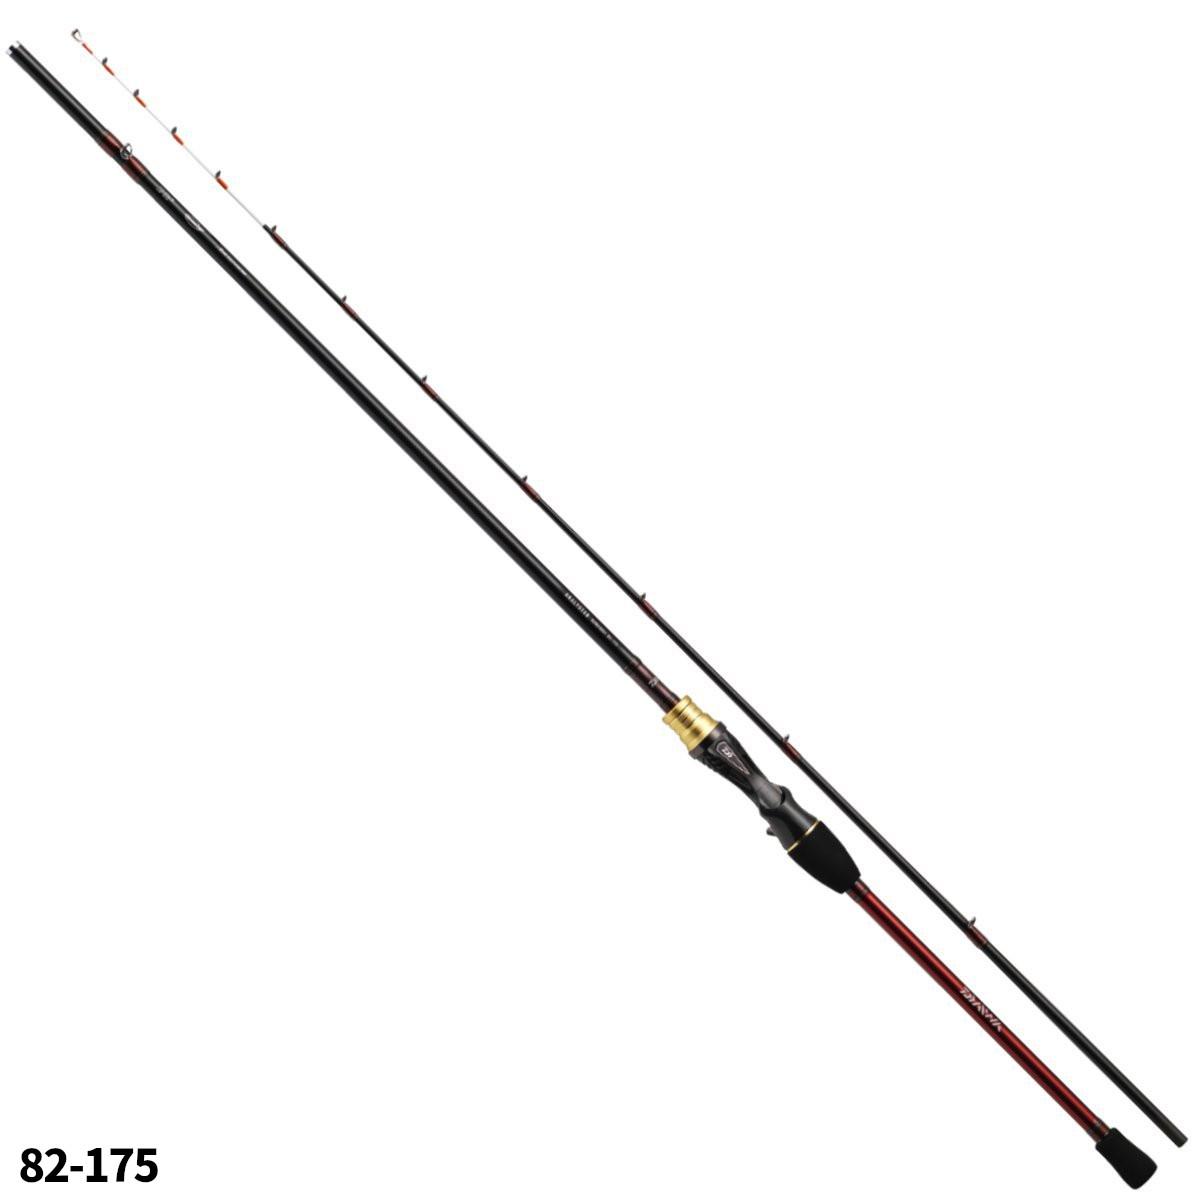 ダイワ アナリスター カワハギ 82-175【送料無料】